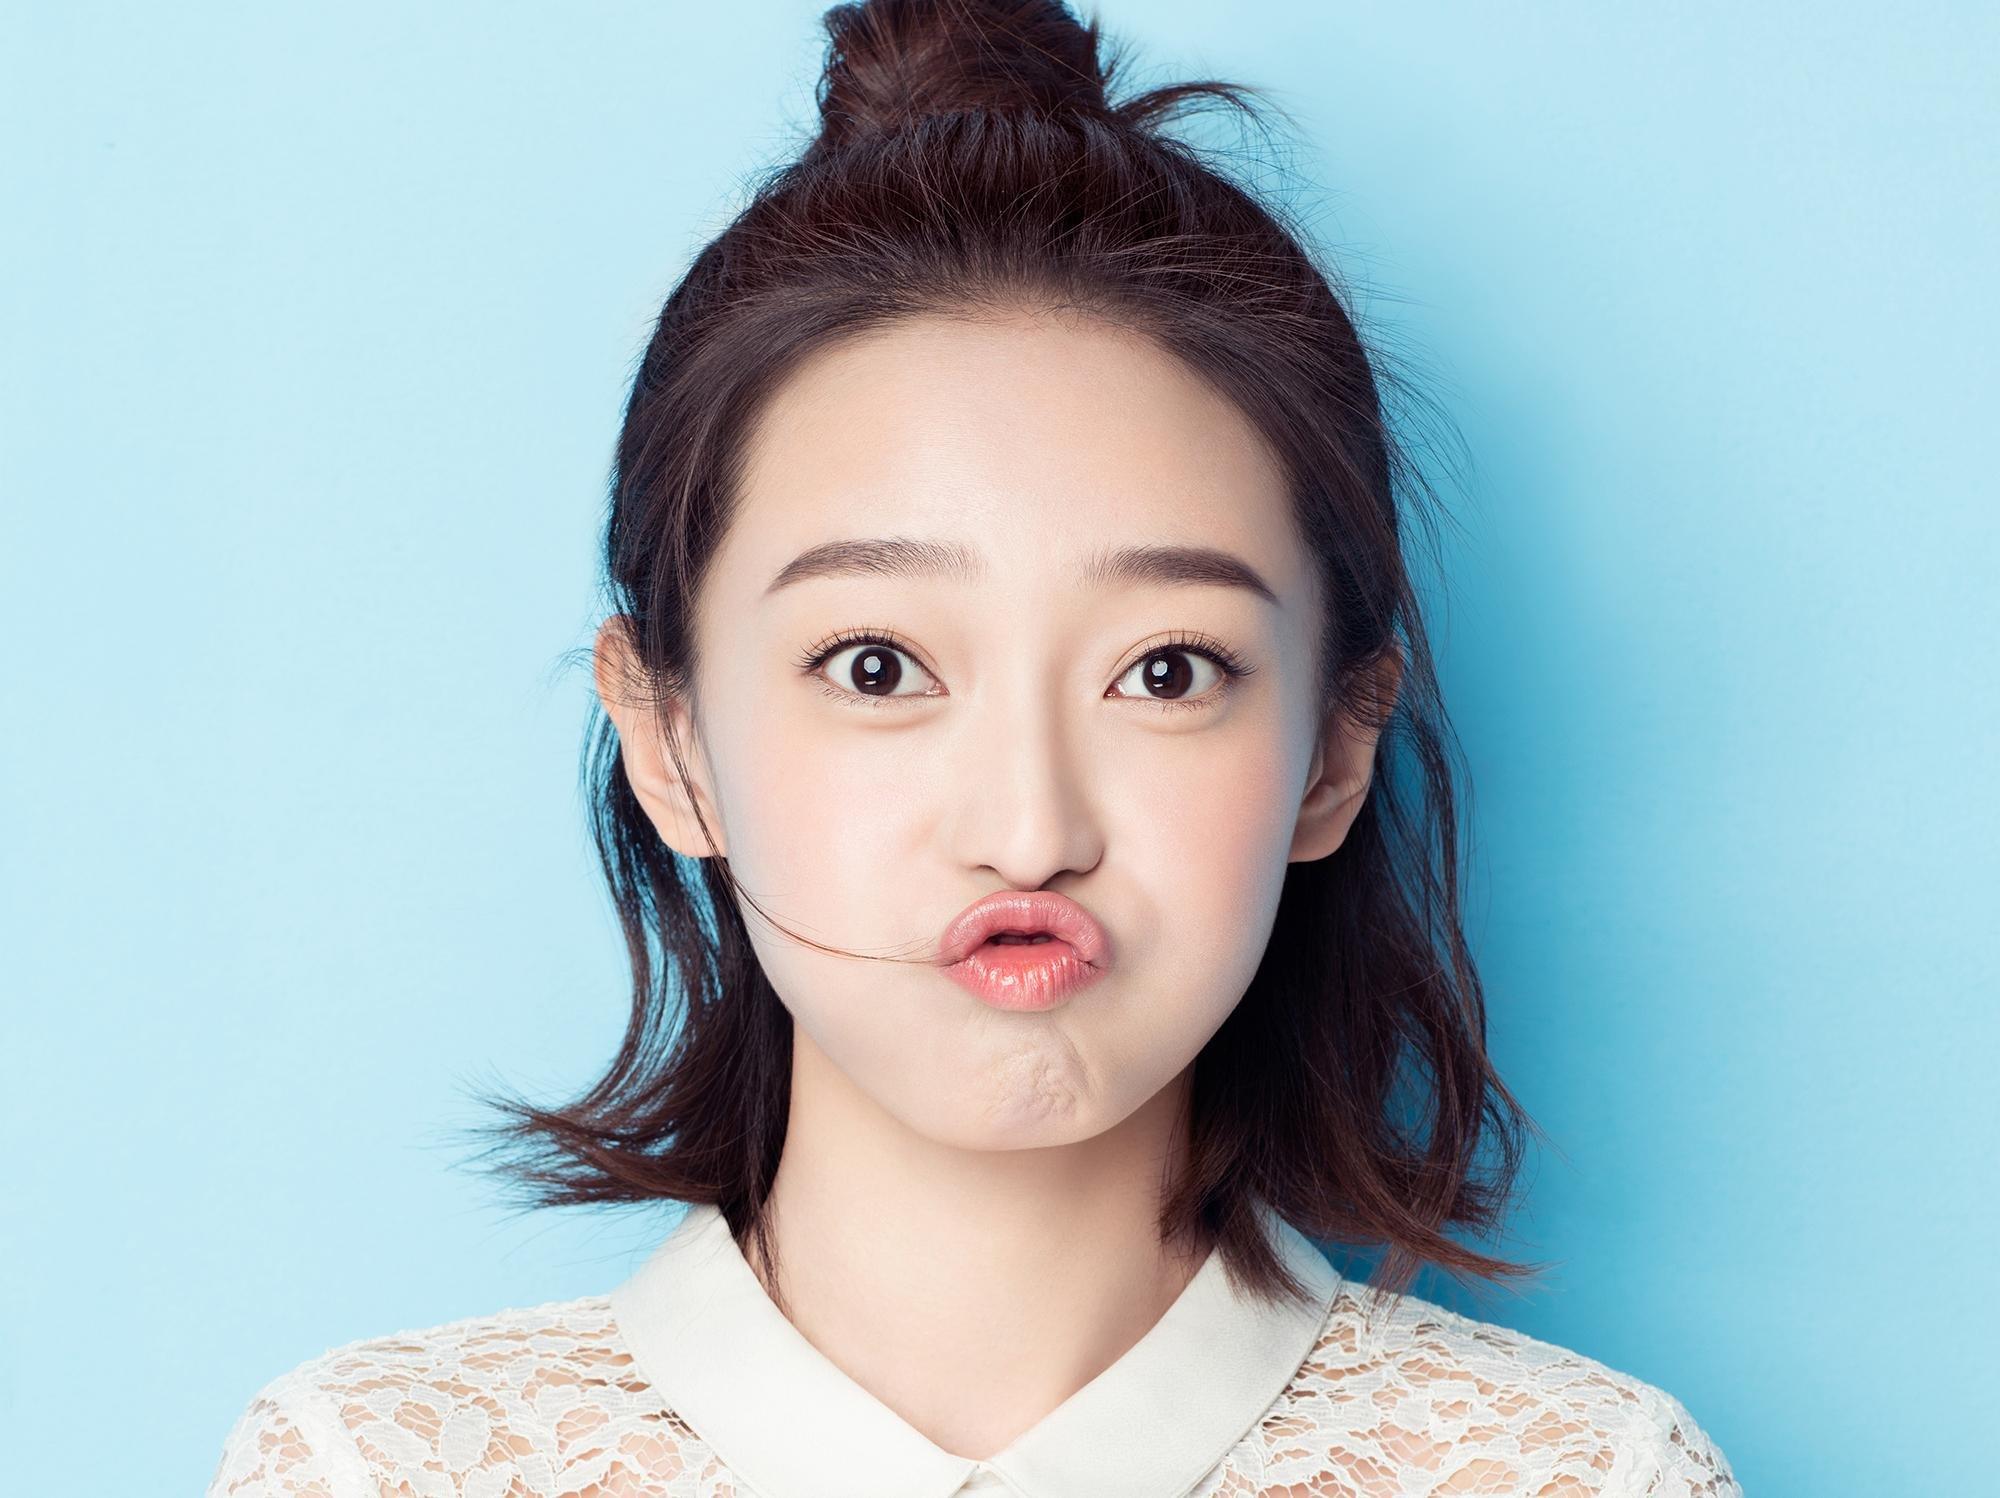 王艺诺靓丽写真 笑容甜美 暖化众人